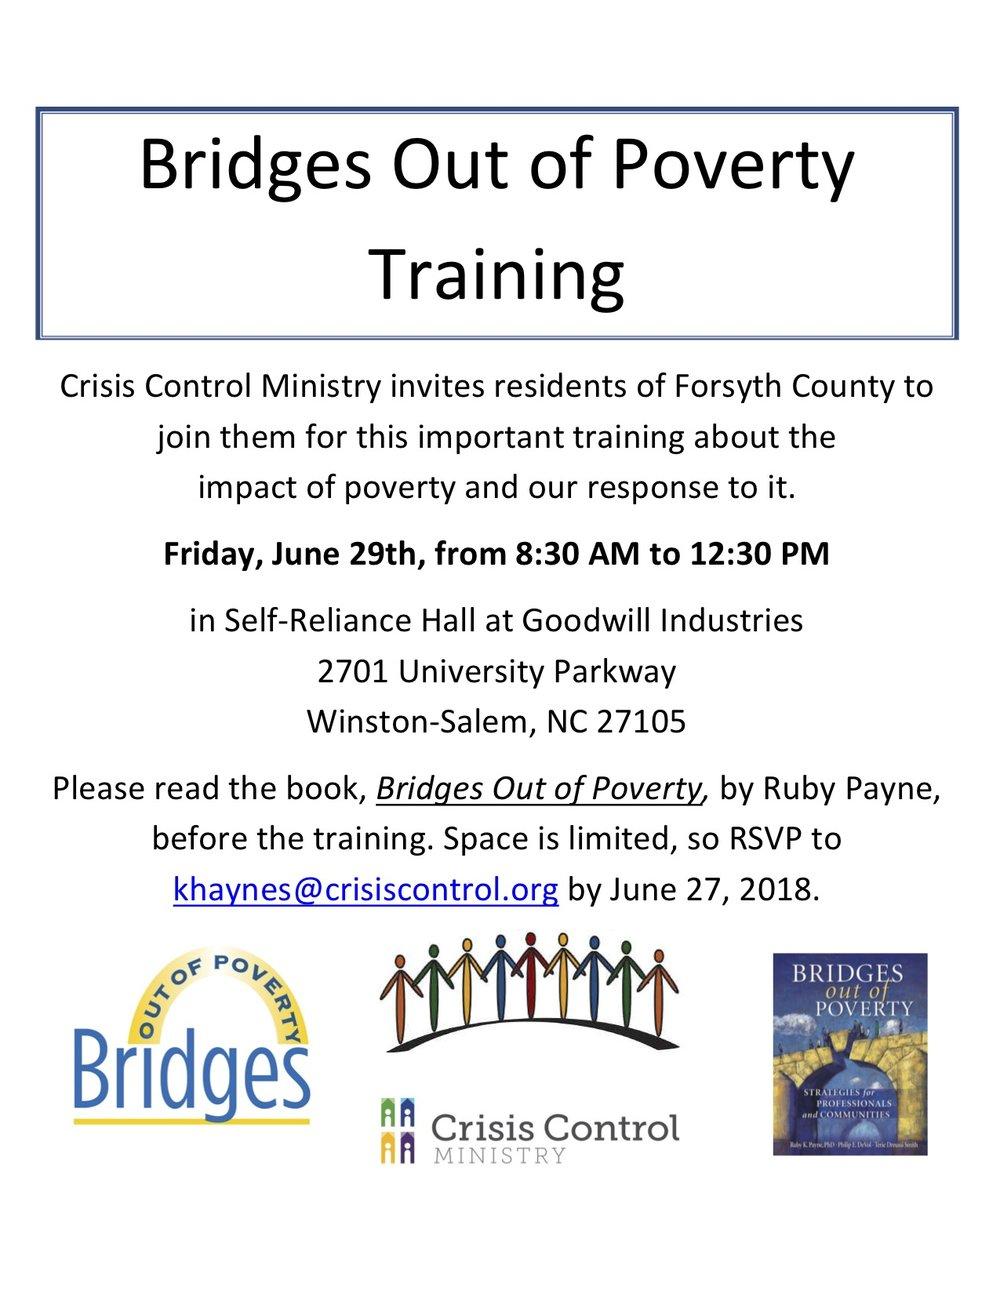 Bridges training flyer for community June.jpg